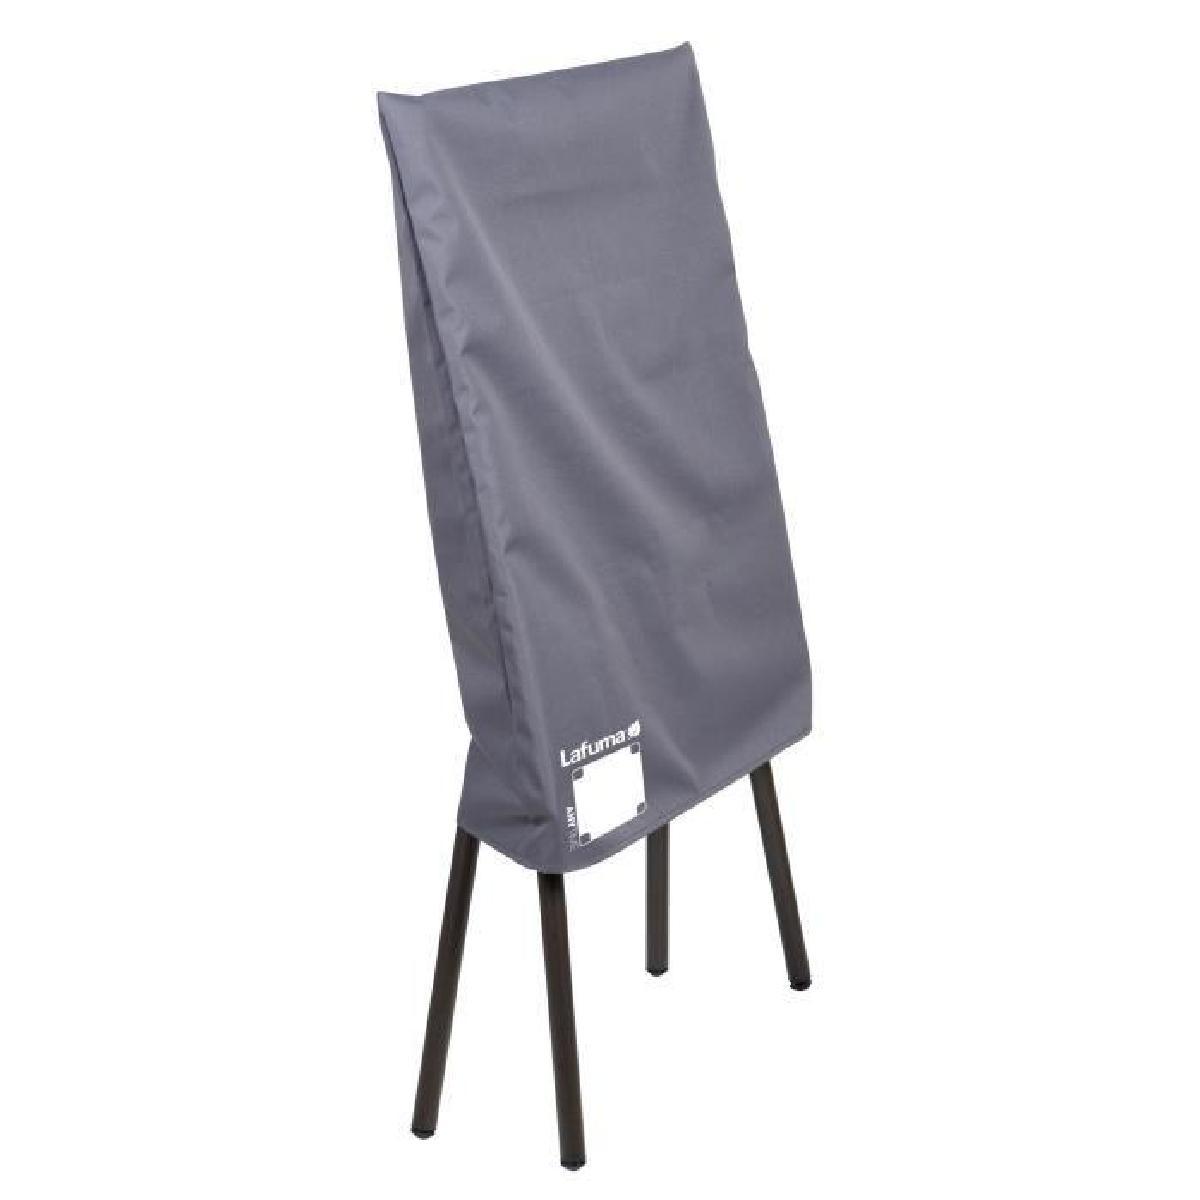 Housse de rangement en polyester pour table de jardin carrée 68x64cm